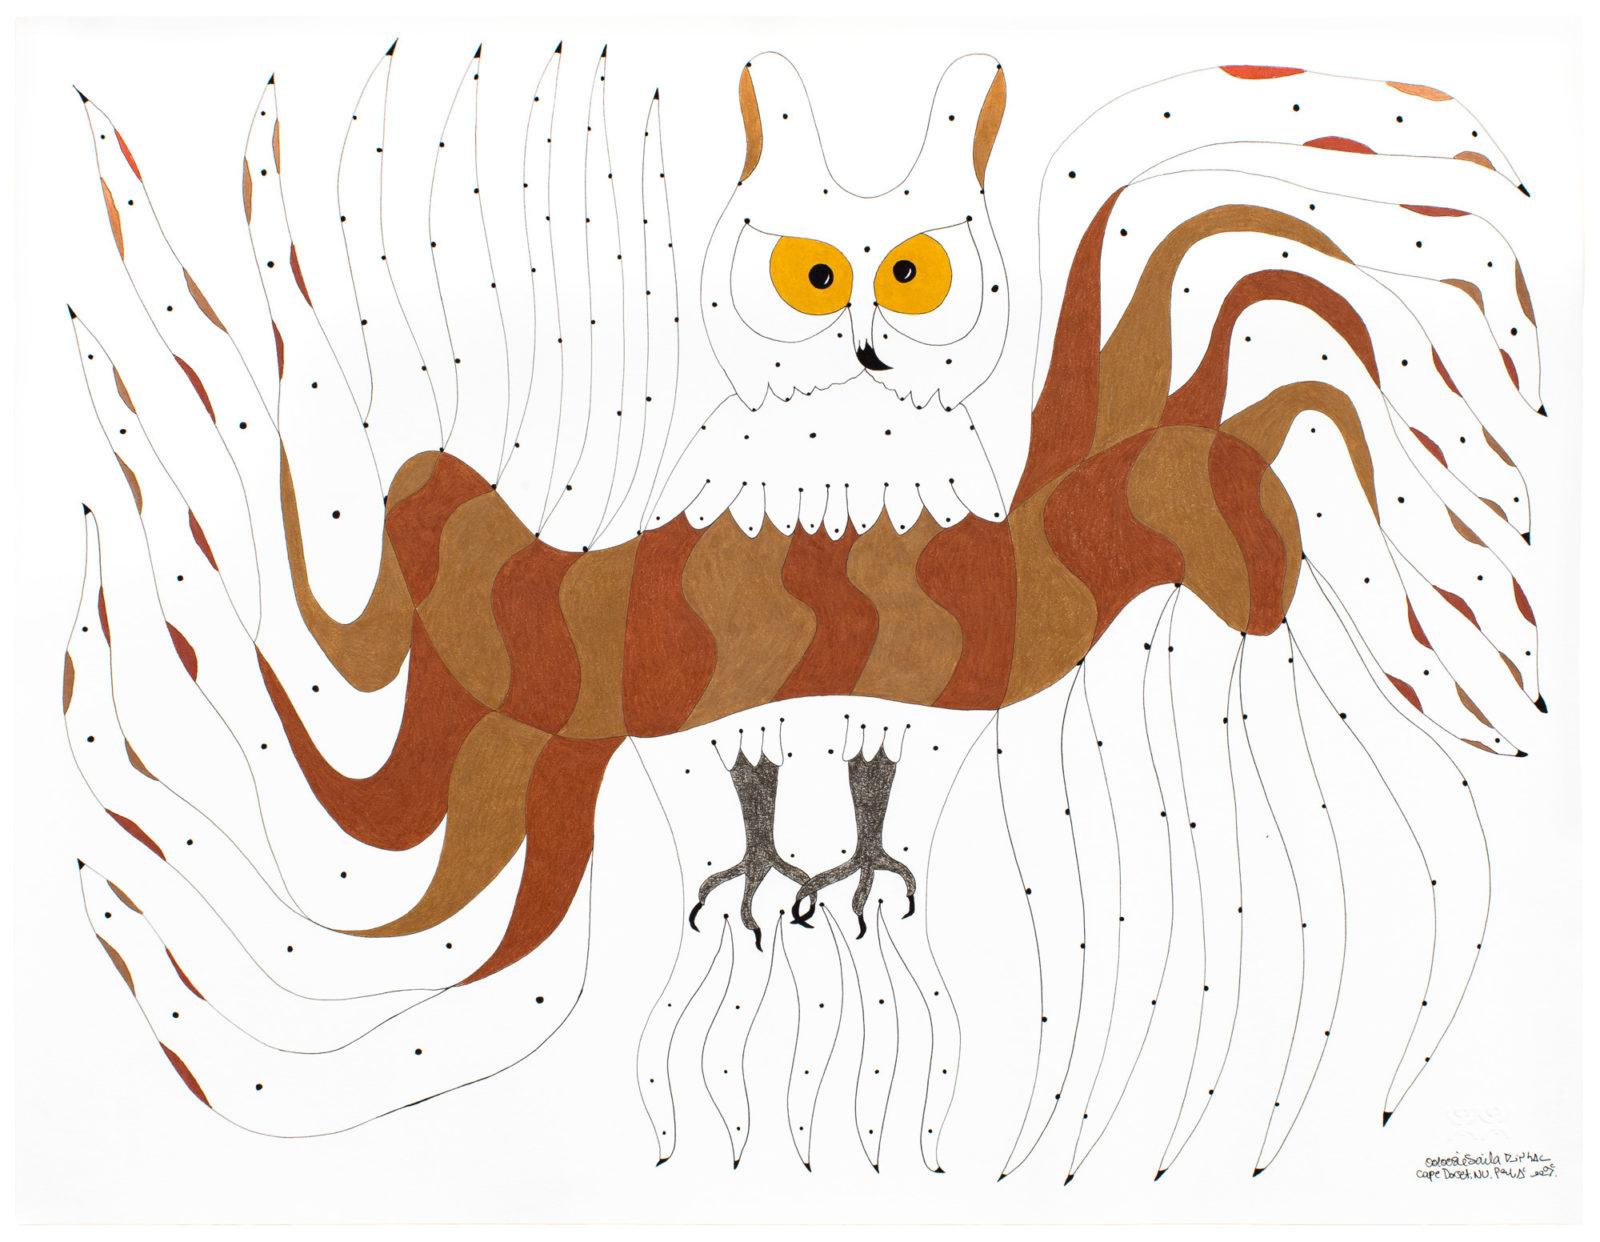 Ooloosie Saila - untitled (surreal owl)